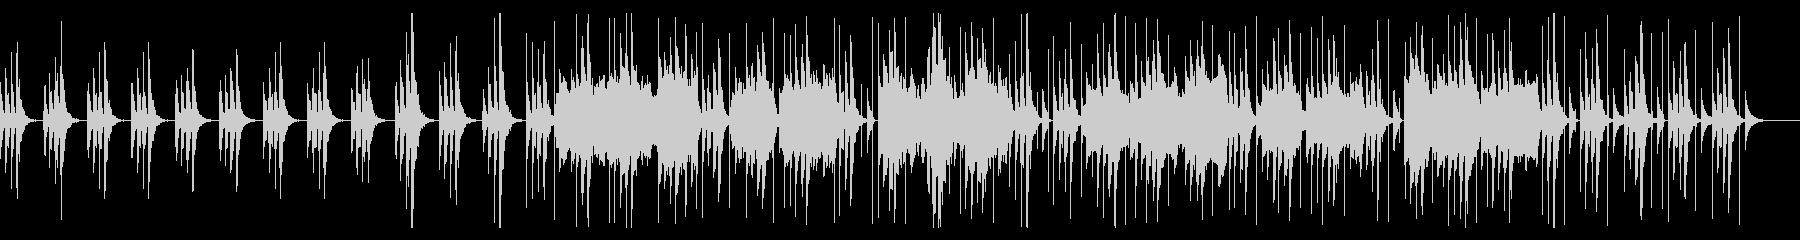 【雰囲気系】ほのぼのしたフルートの曲の未再生の波形